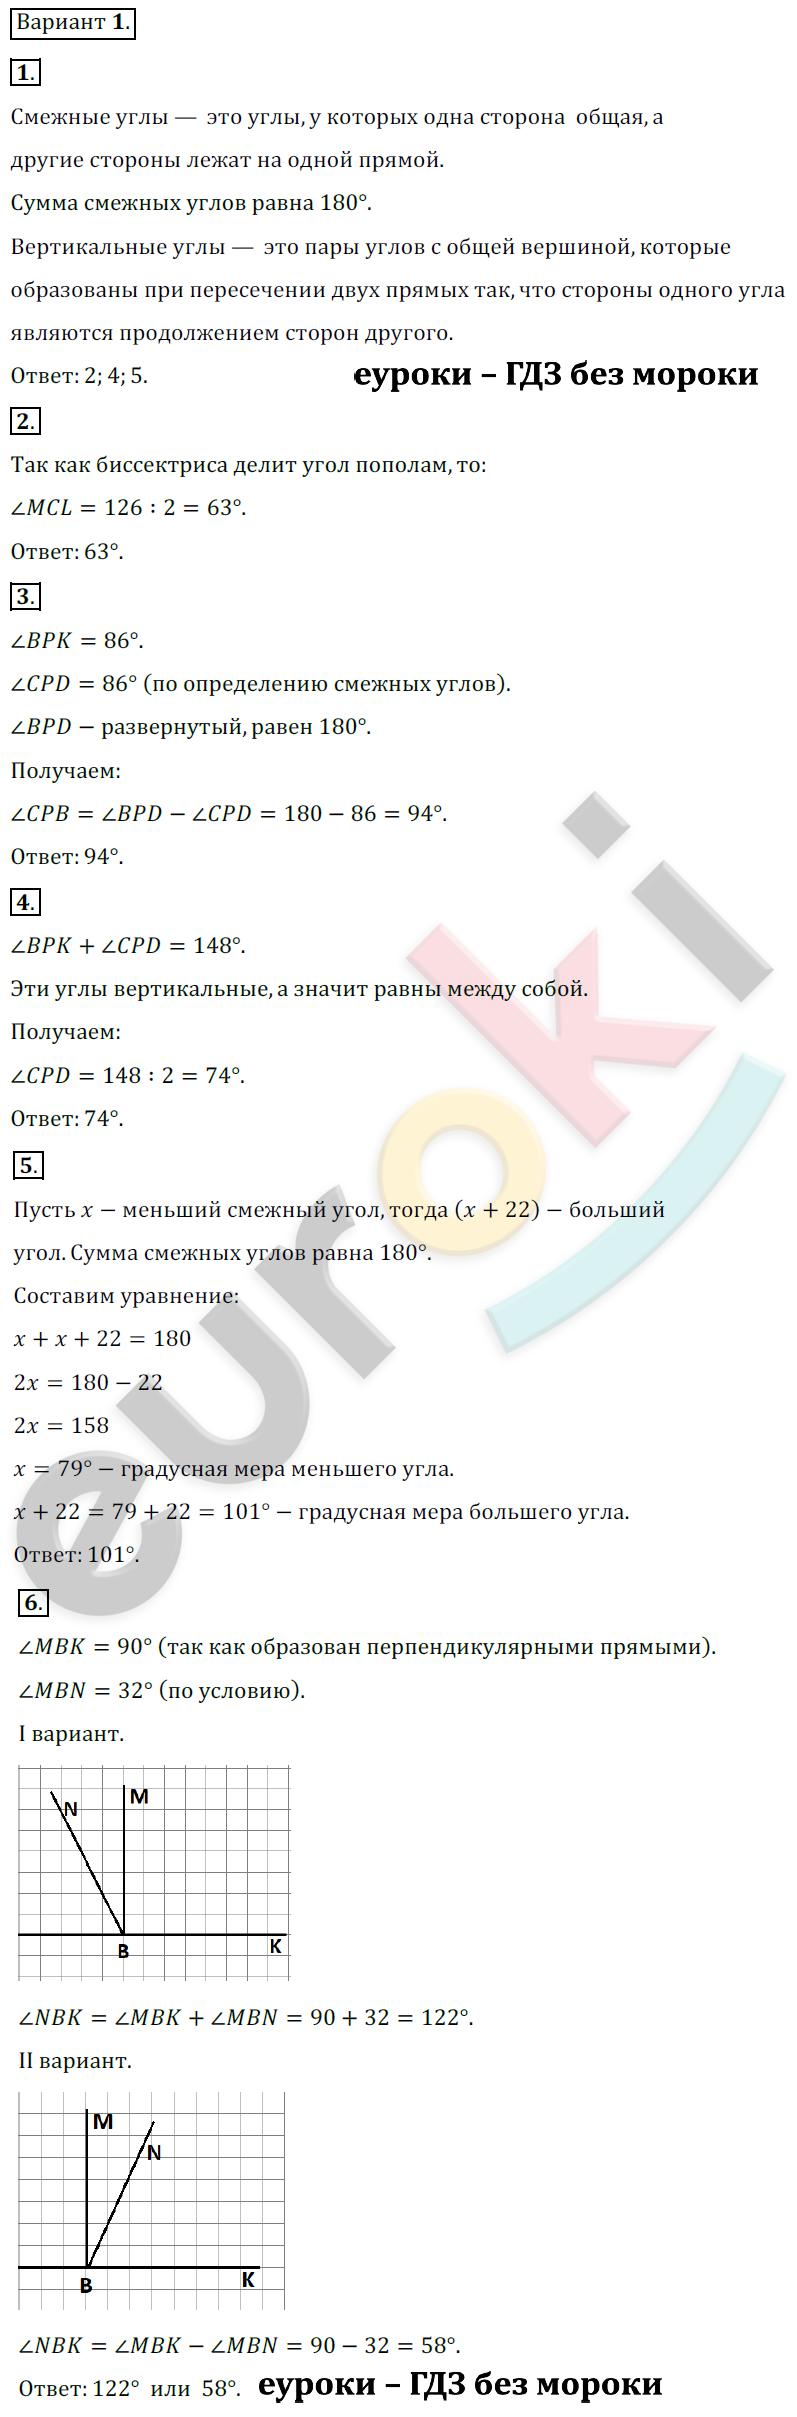 ГДЗ по геометрии 7 класс контрольные работы Мельникова, Погорелов Экзамен ответы и решения онлайн КР-2. Смежные и вертикальные углы. Задание: Вариант 1